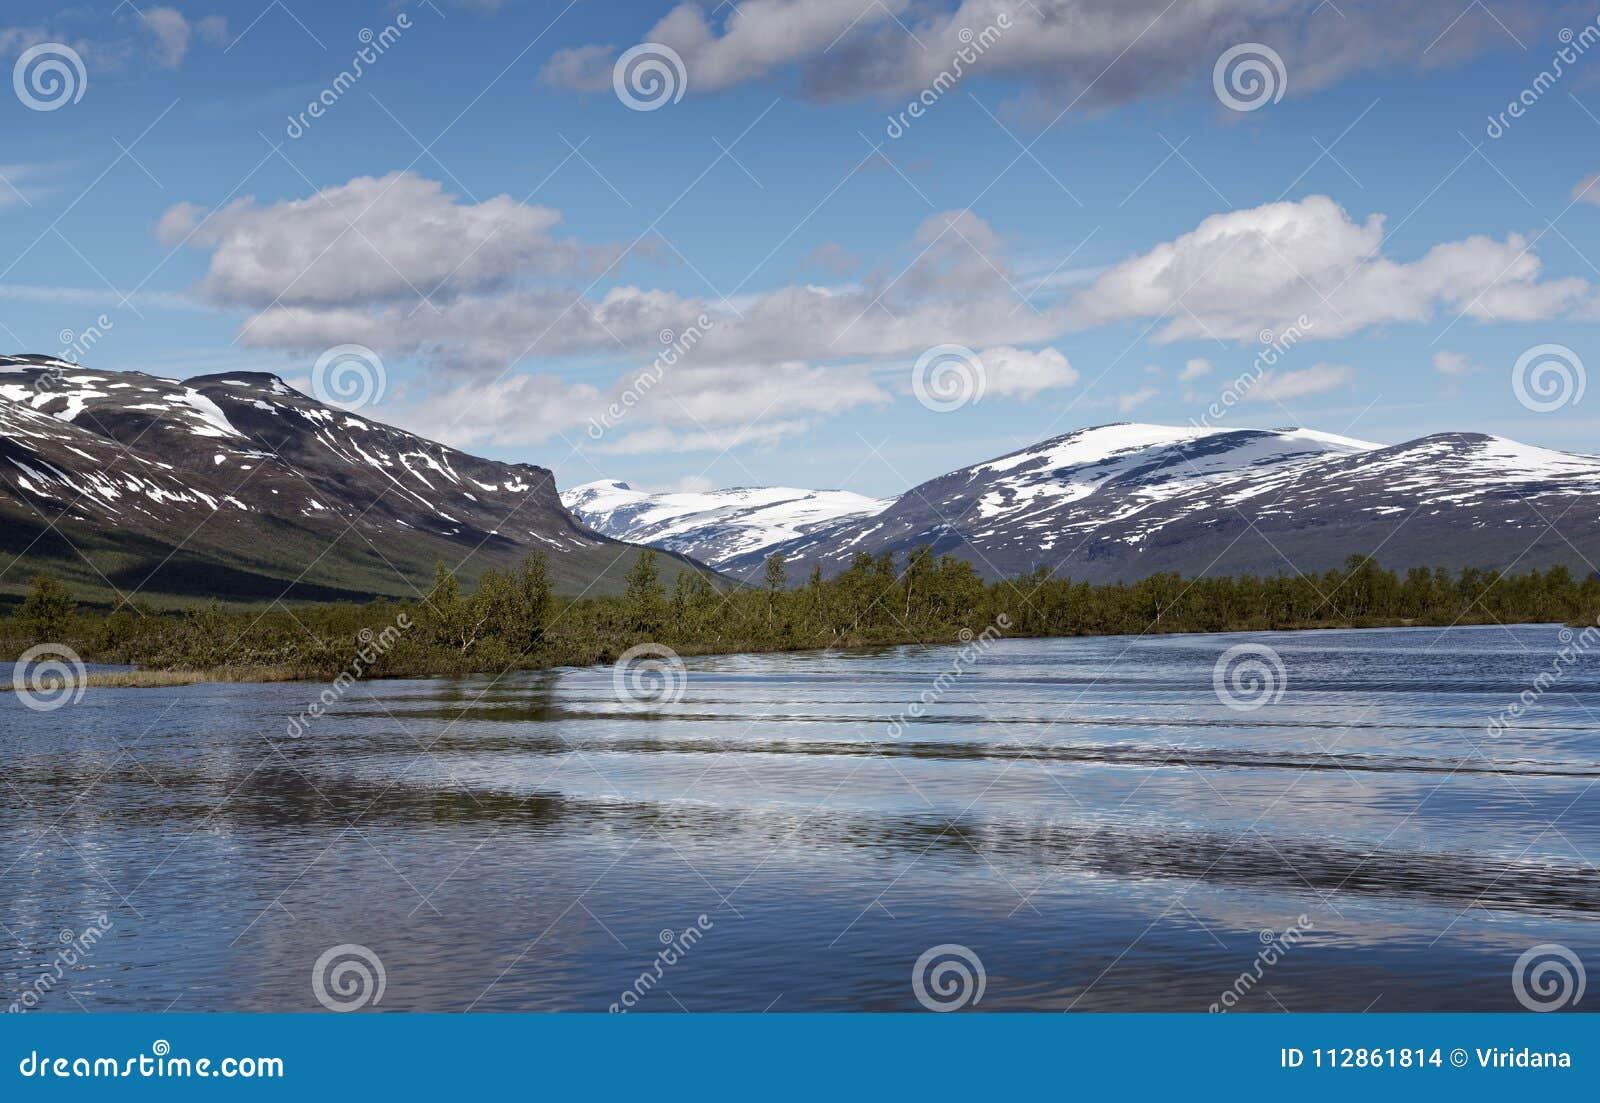 Vistasvagge vicino a Nikkaloukta in Svezia del Nord